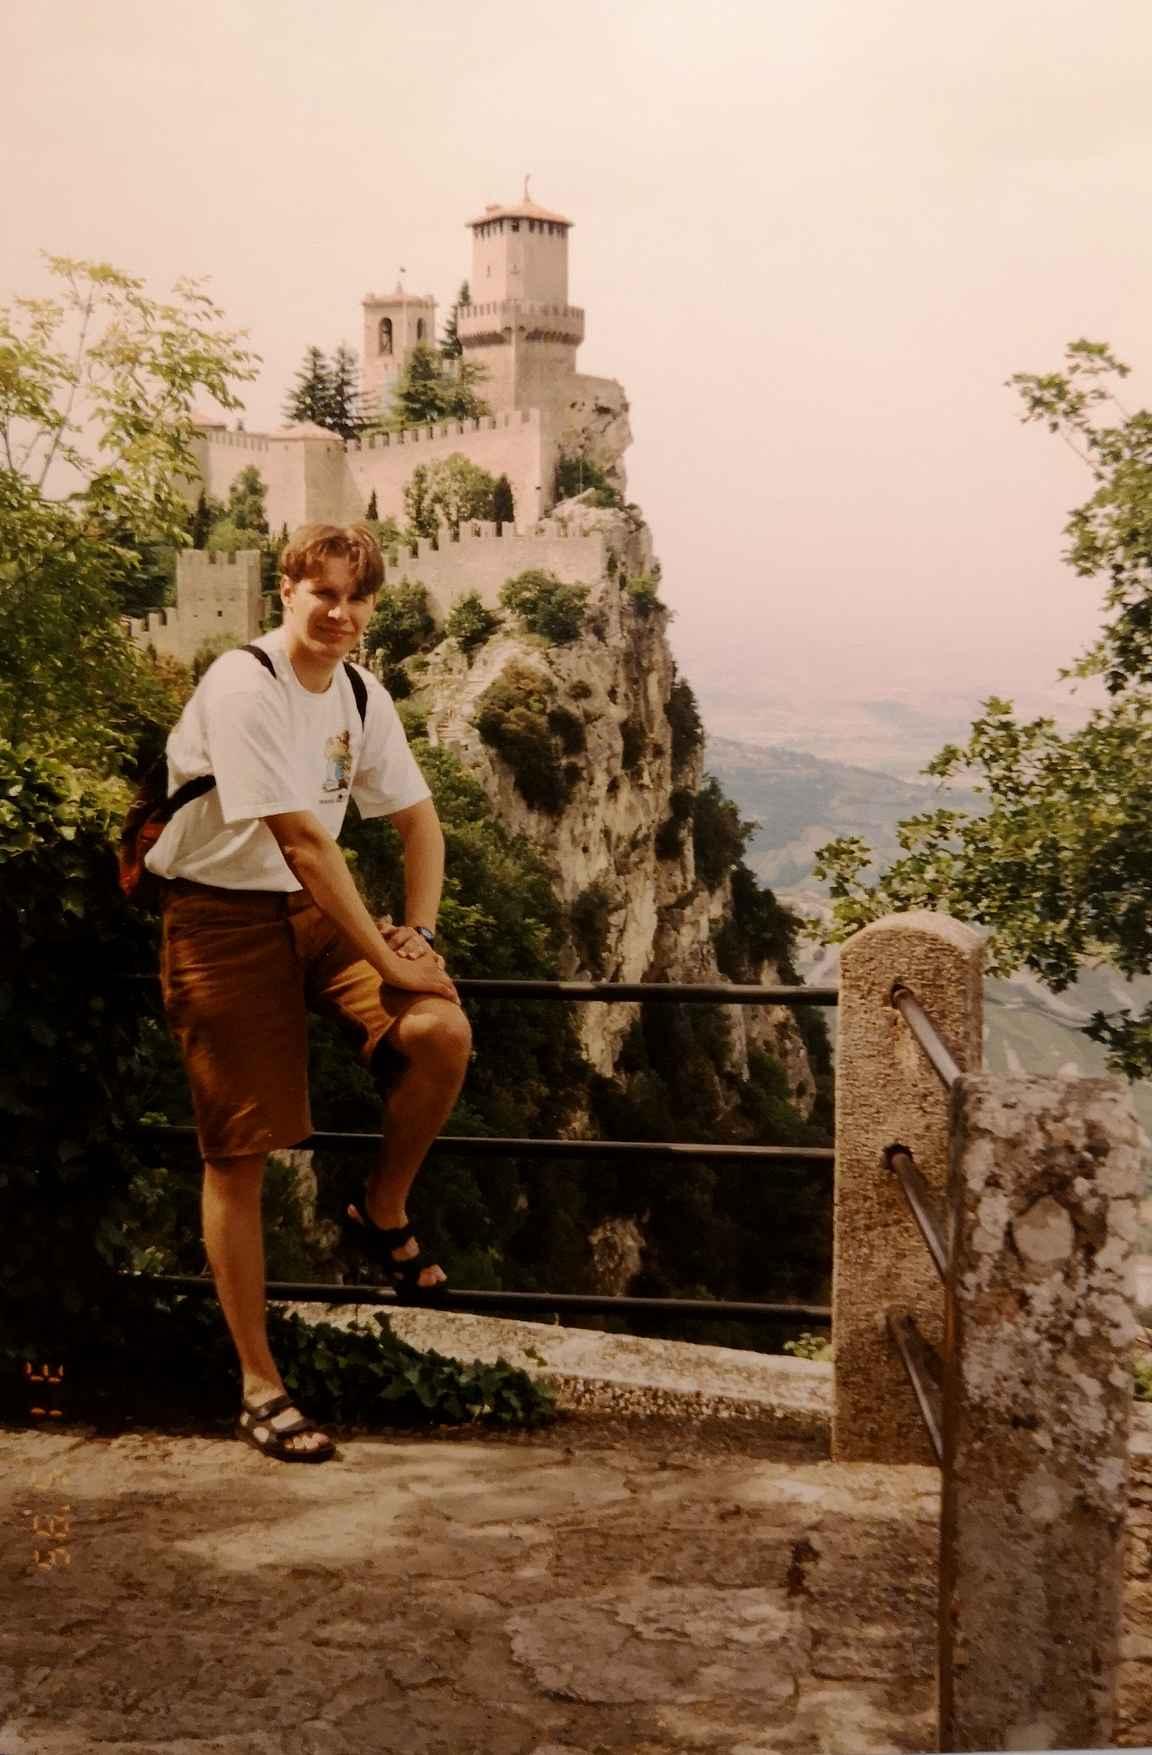 San Marinon upea 1000-luvulla rakennettu Guaita-linnoitus vuonna 1995.